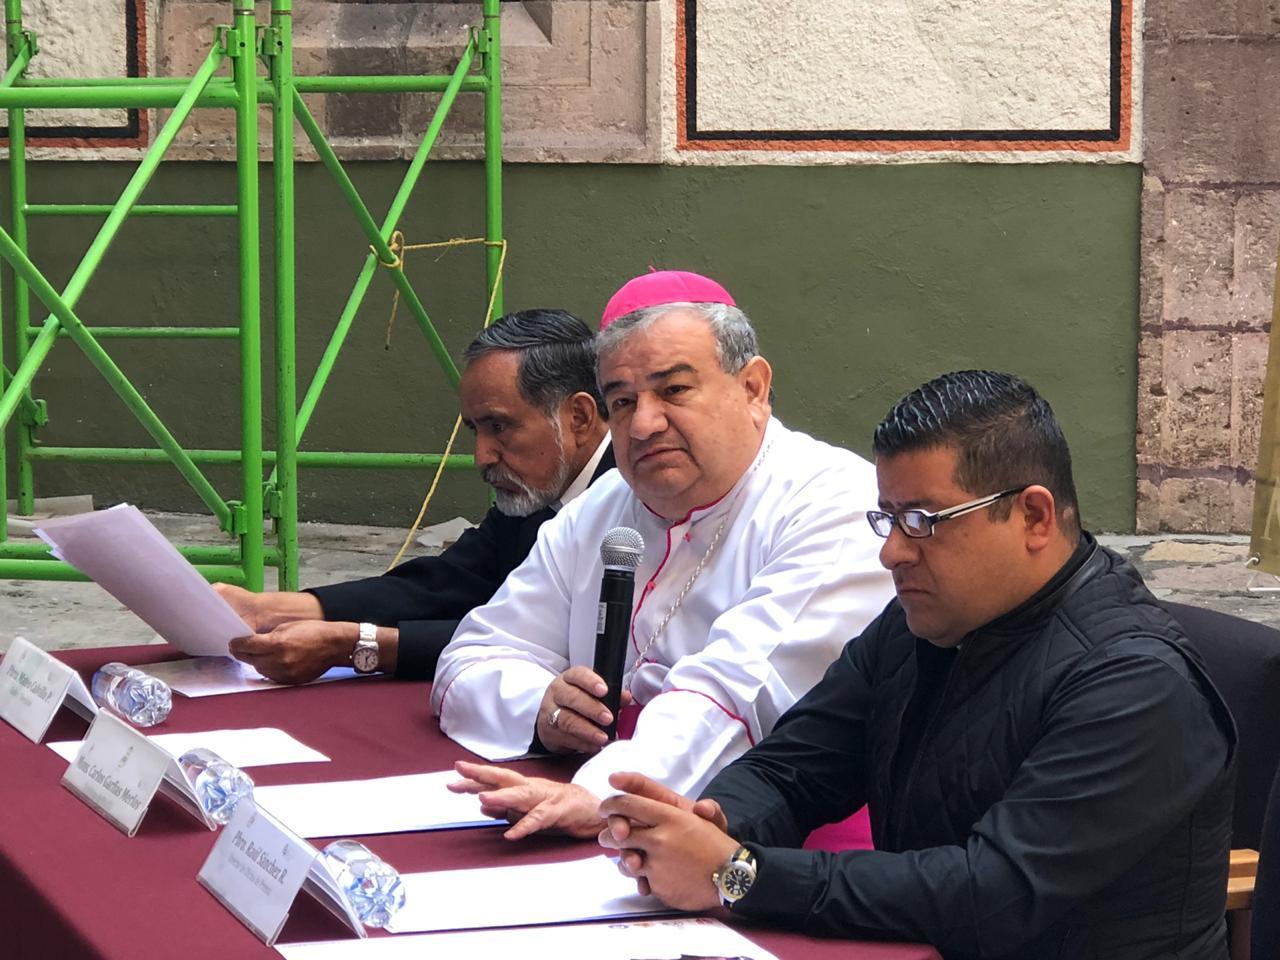 Propone arzobispo participación ciudadana en temas de seguridad